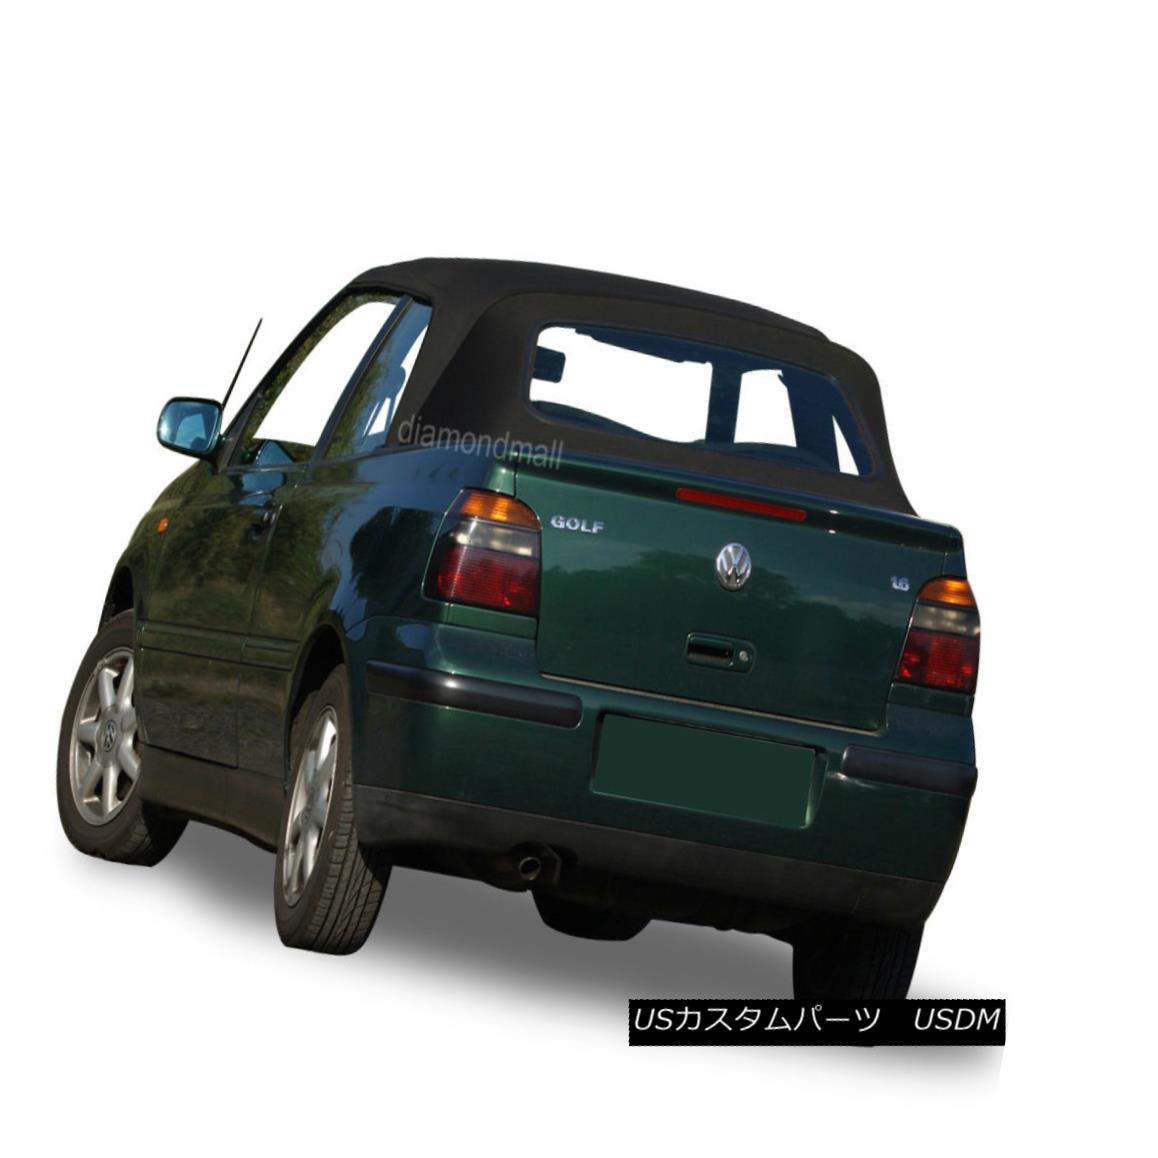 幌・ソフトトップ VW Volkswagen Golf Cabrio Cabriolet 1995-2001 Convertible Soft Top Black Vinyl VWフォルクスワーゲンゴルフCabrio Cabriolet 1995-2001コンバーチブルソフトトップブラックビニール